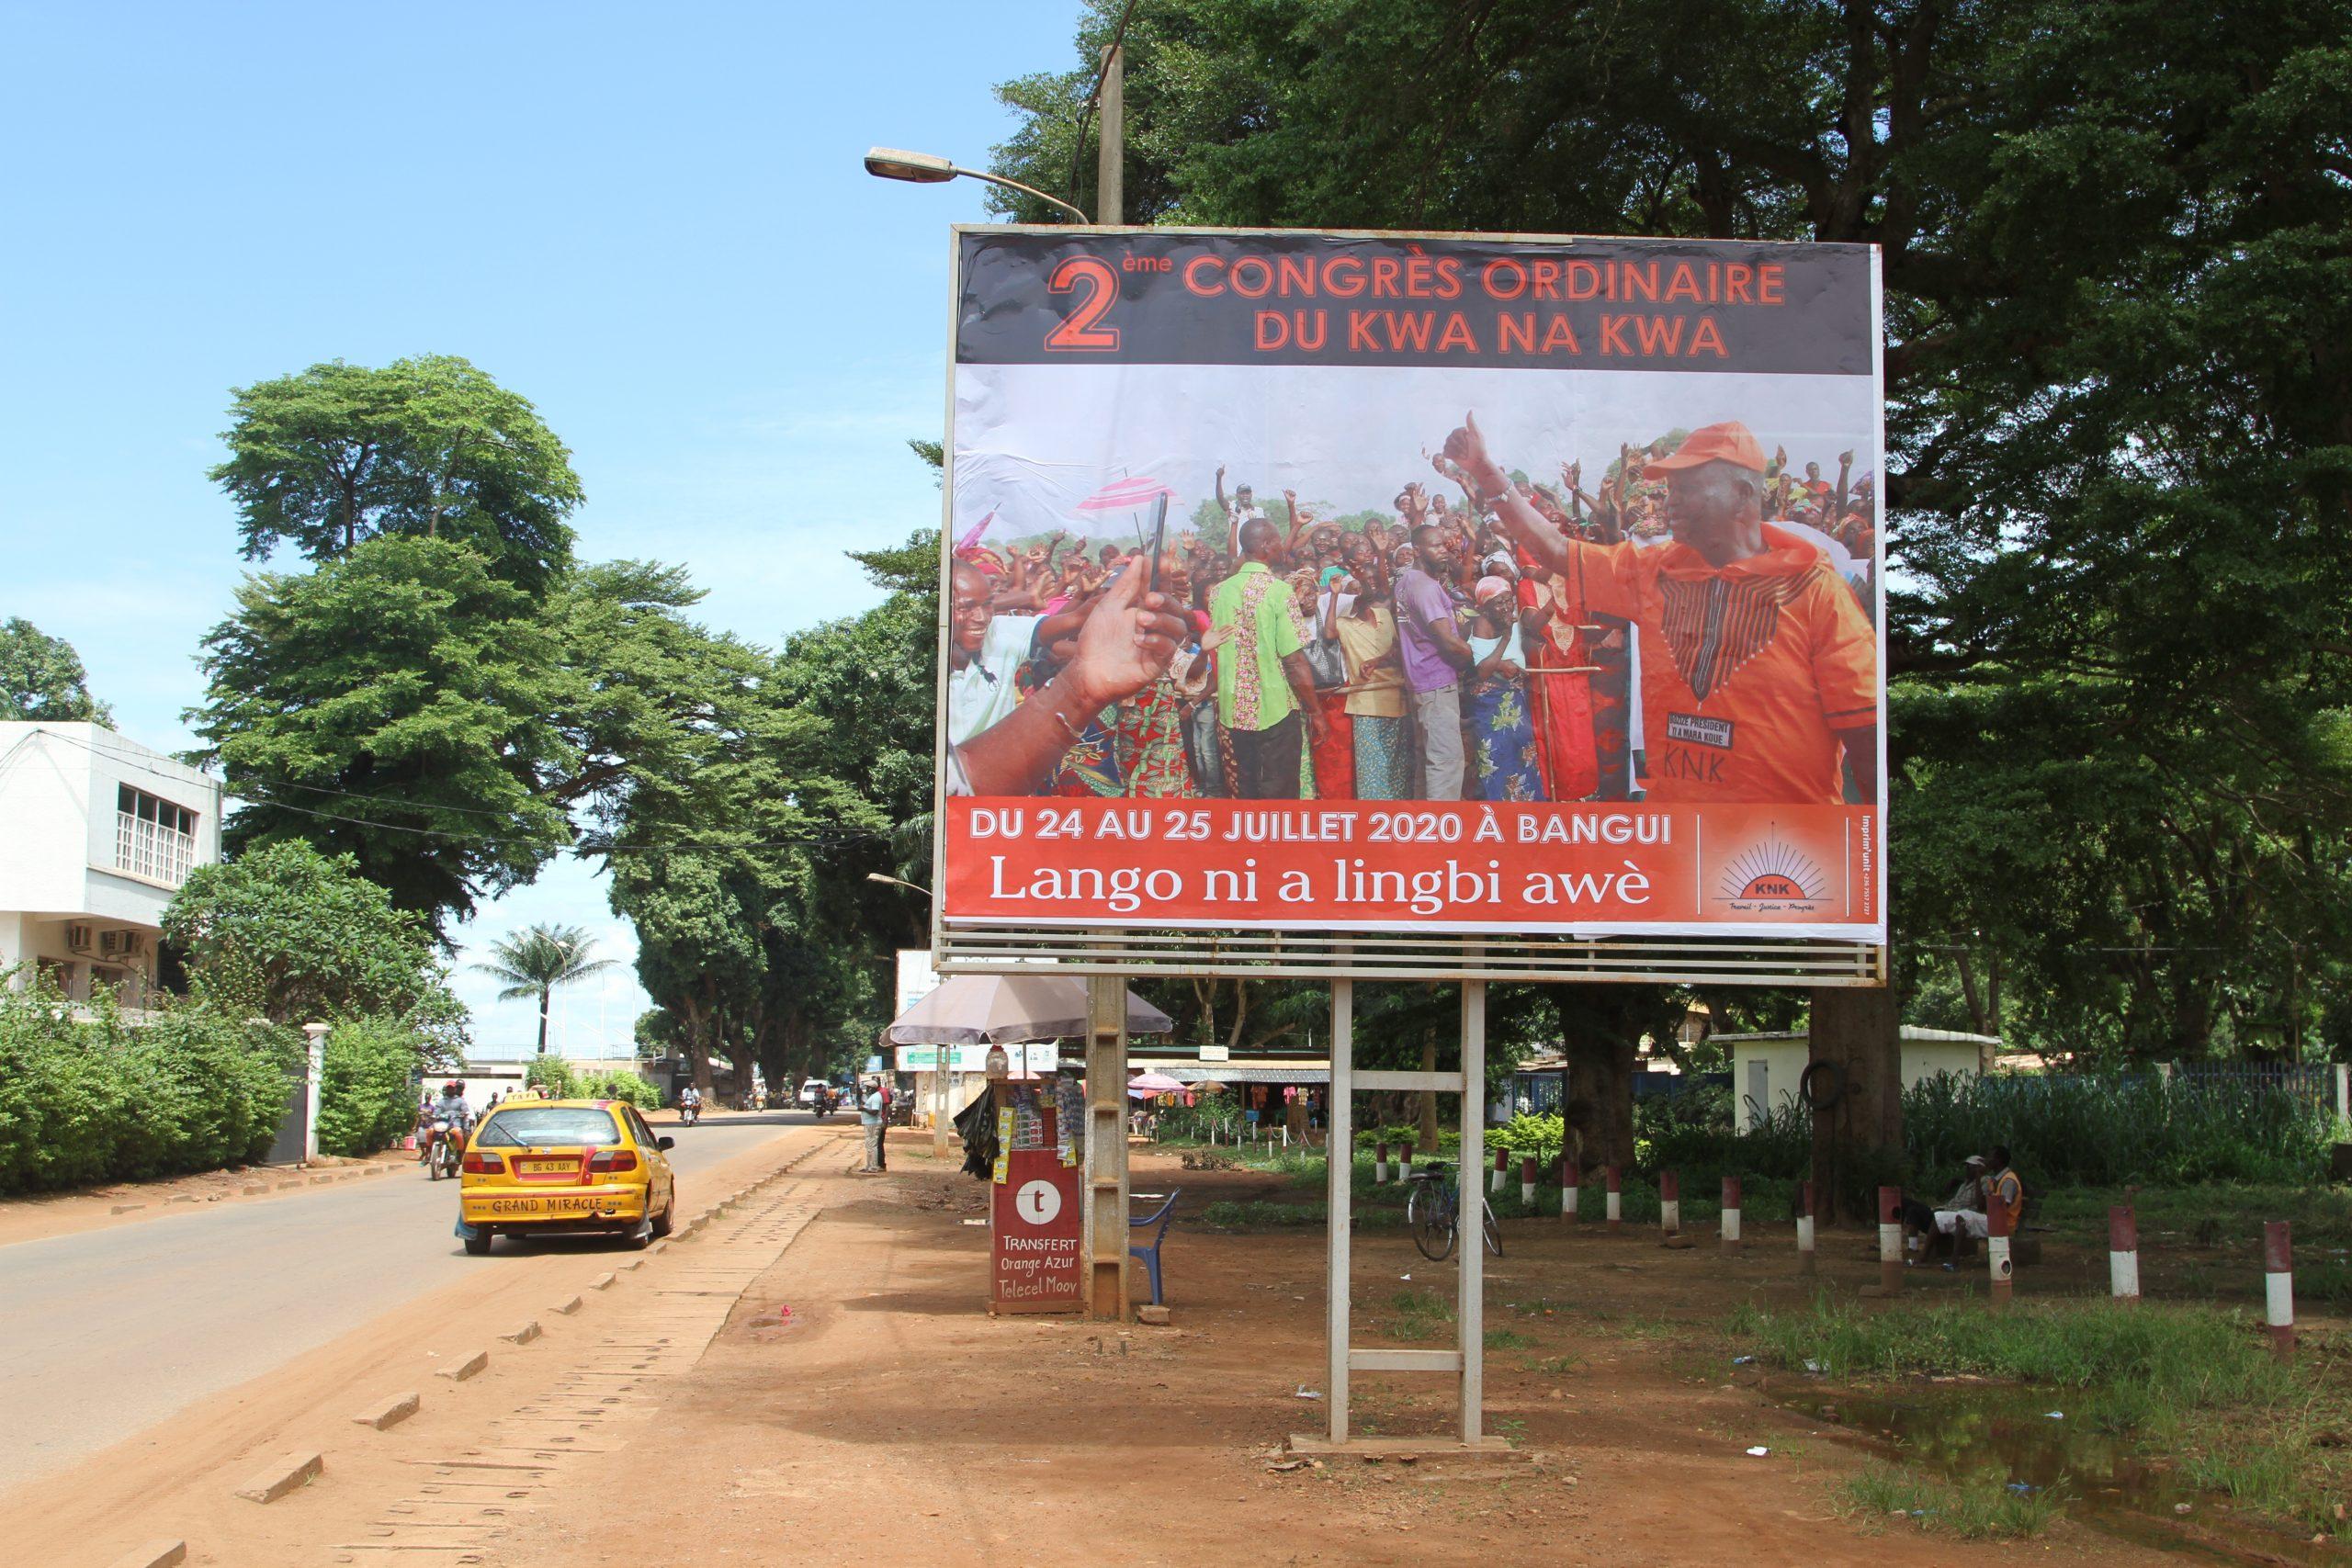 Uno dei poster del KNK, il partito di François Bozizé, che è fiorito nelle strade di Bangui in vista del congresso del 24 luglio.